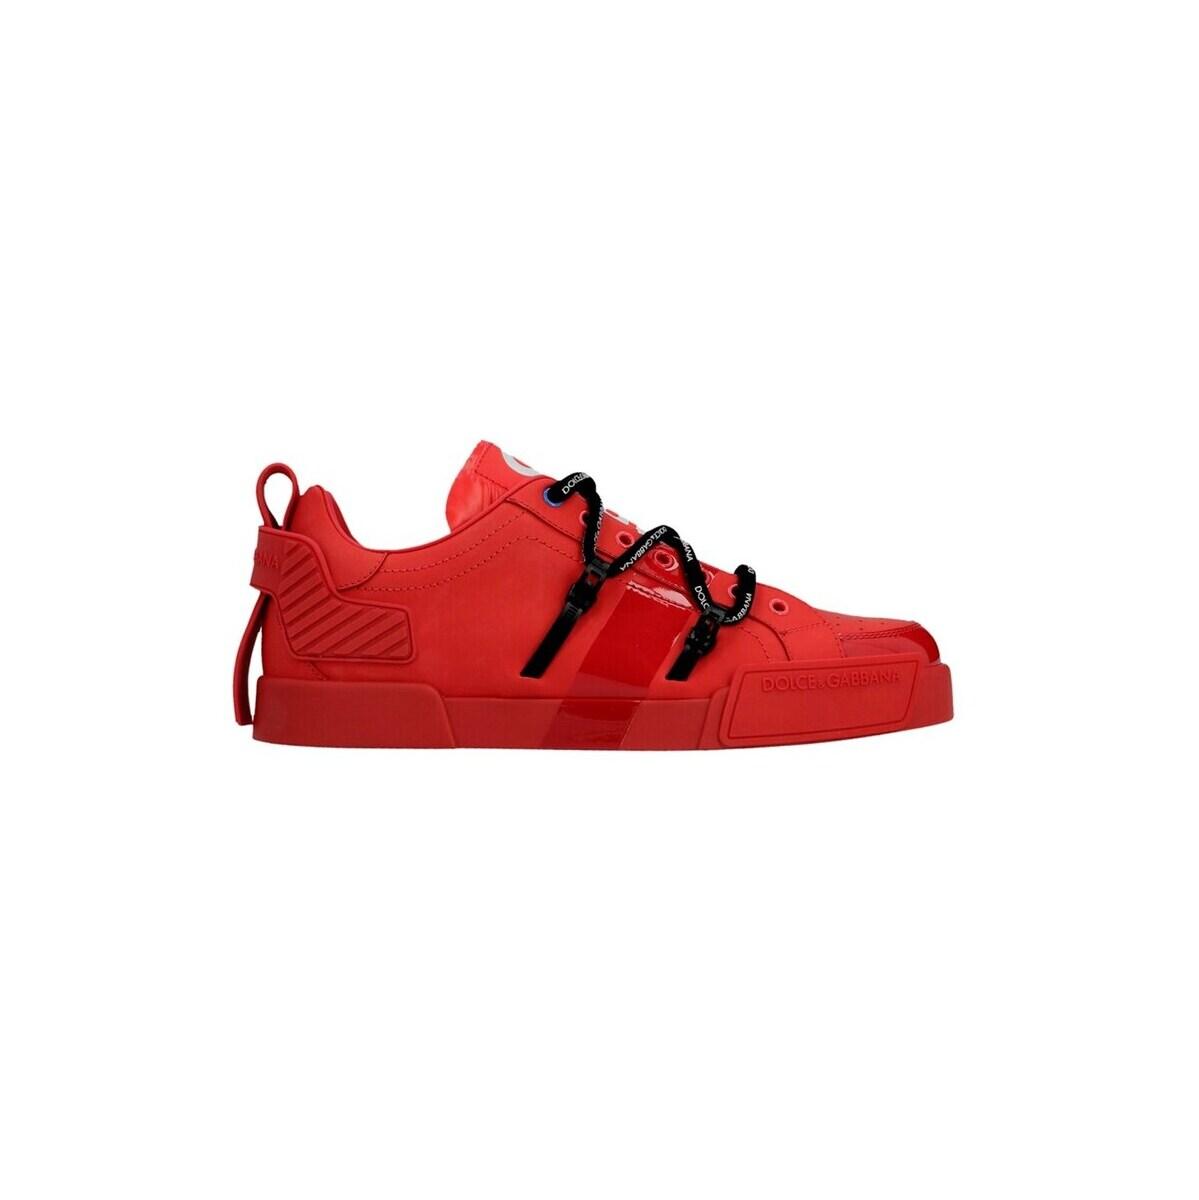 トミカチョウ DOLCE&GABBANA/ドルチェ&ガッバーナ 春夏2021 Red 'Portofino' sneakers sneakers メンズ メンズ 春夏2021 CS1783AJ98689689 ju, BASE 【ベース】:ff7893db --- briefundpost.de